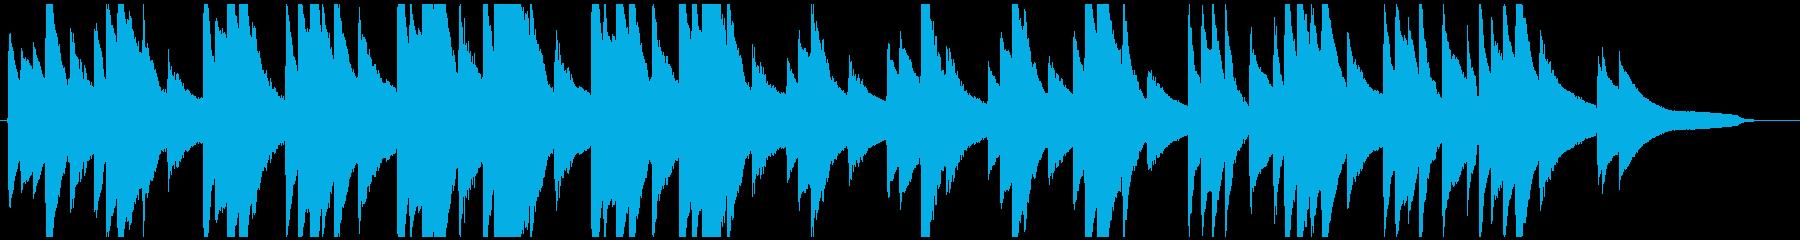 不思議な感じのするシンプルなピアノ曲の再生済みの波形